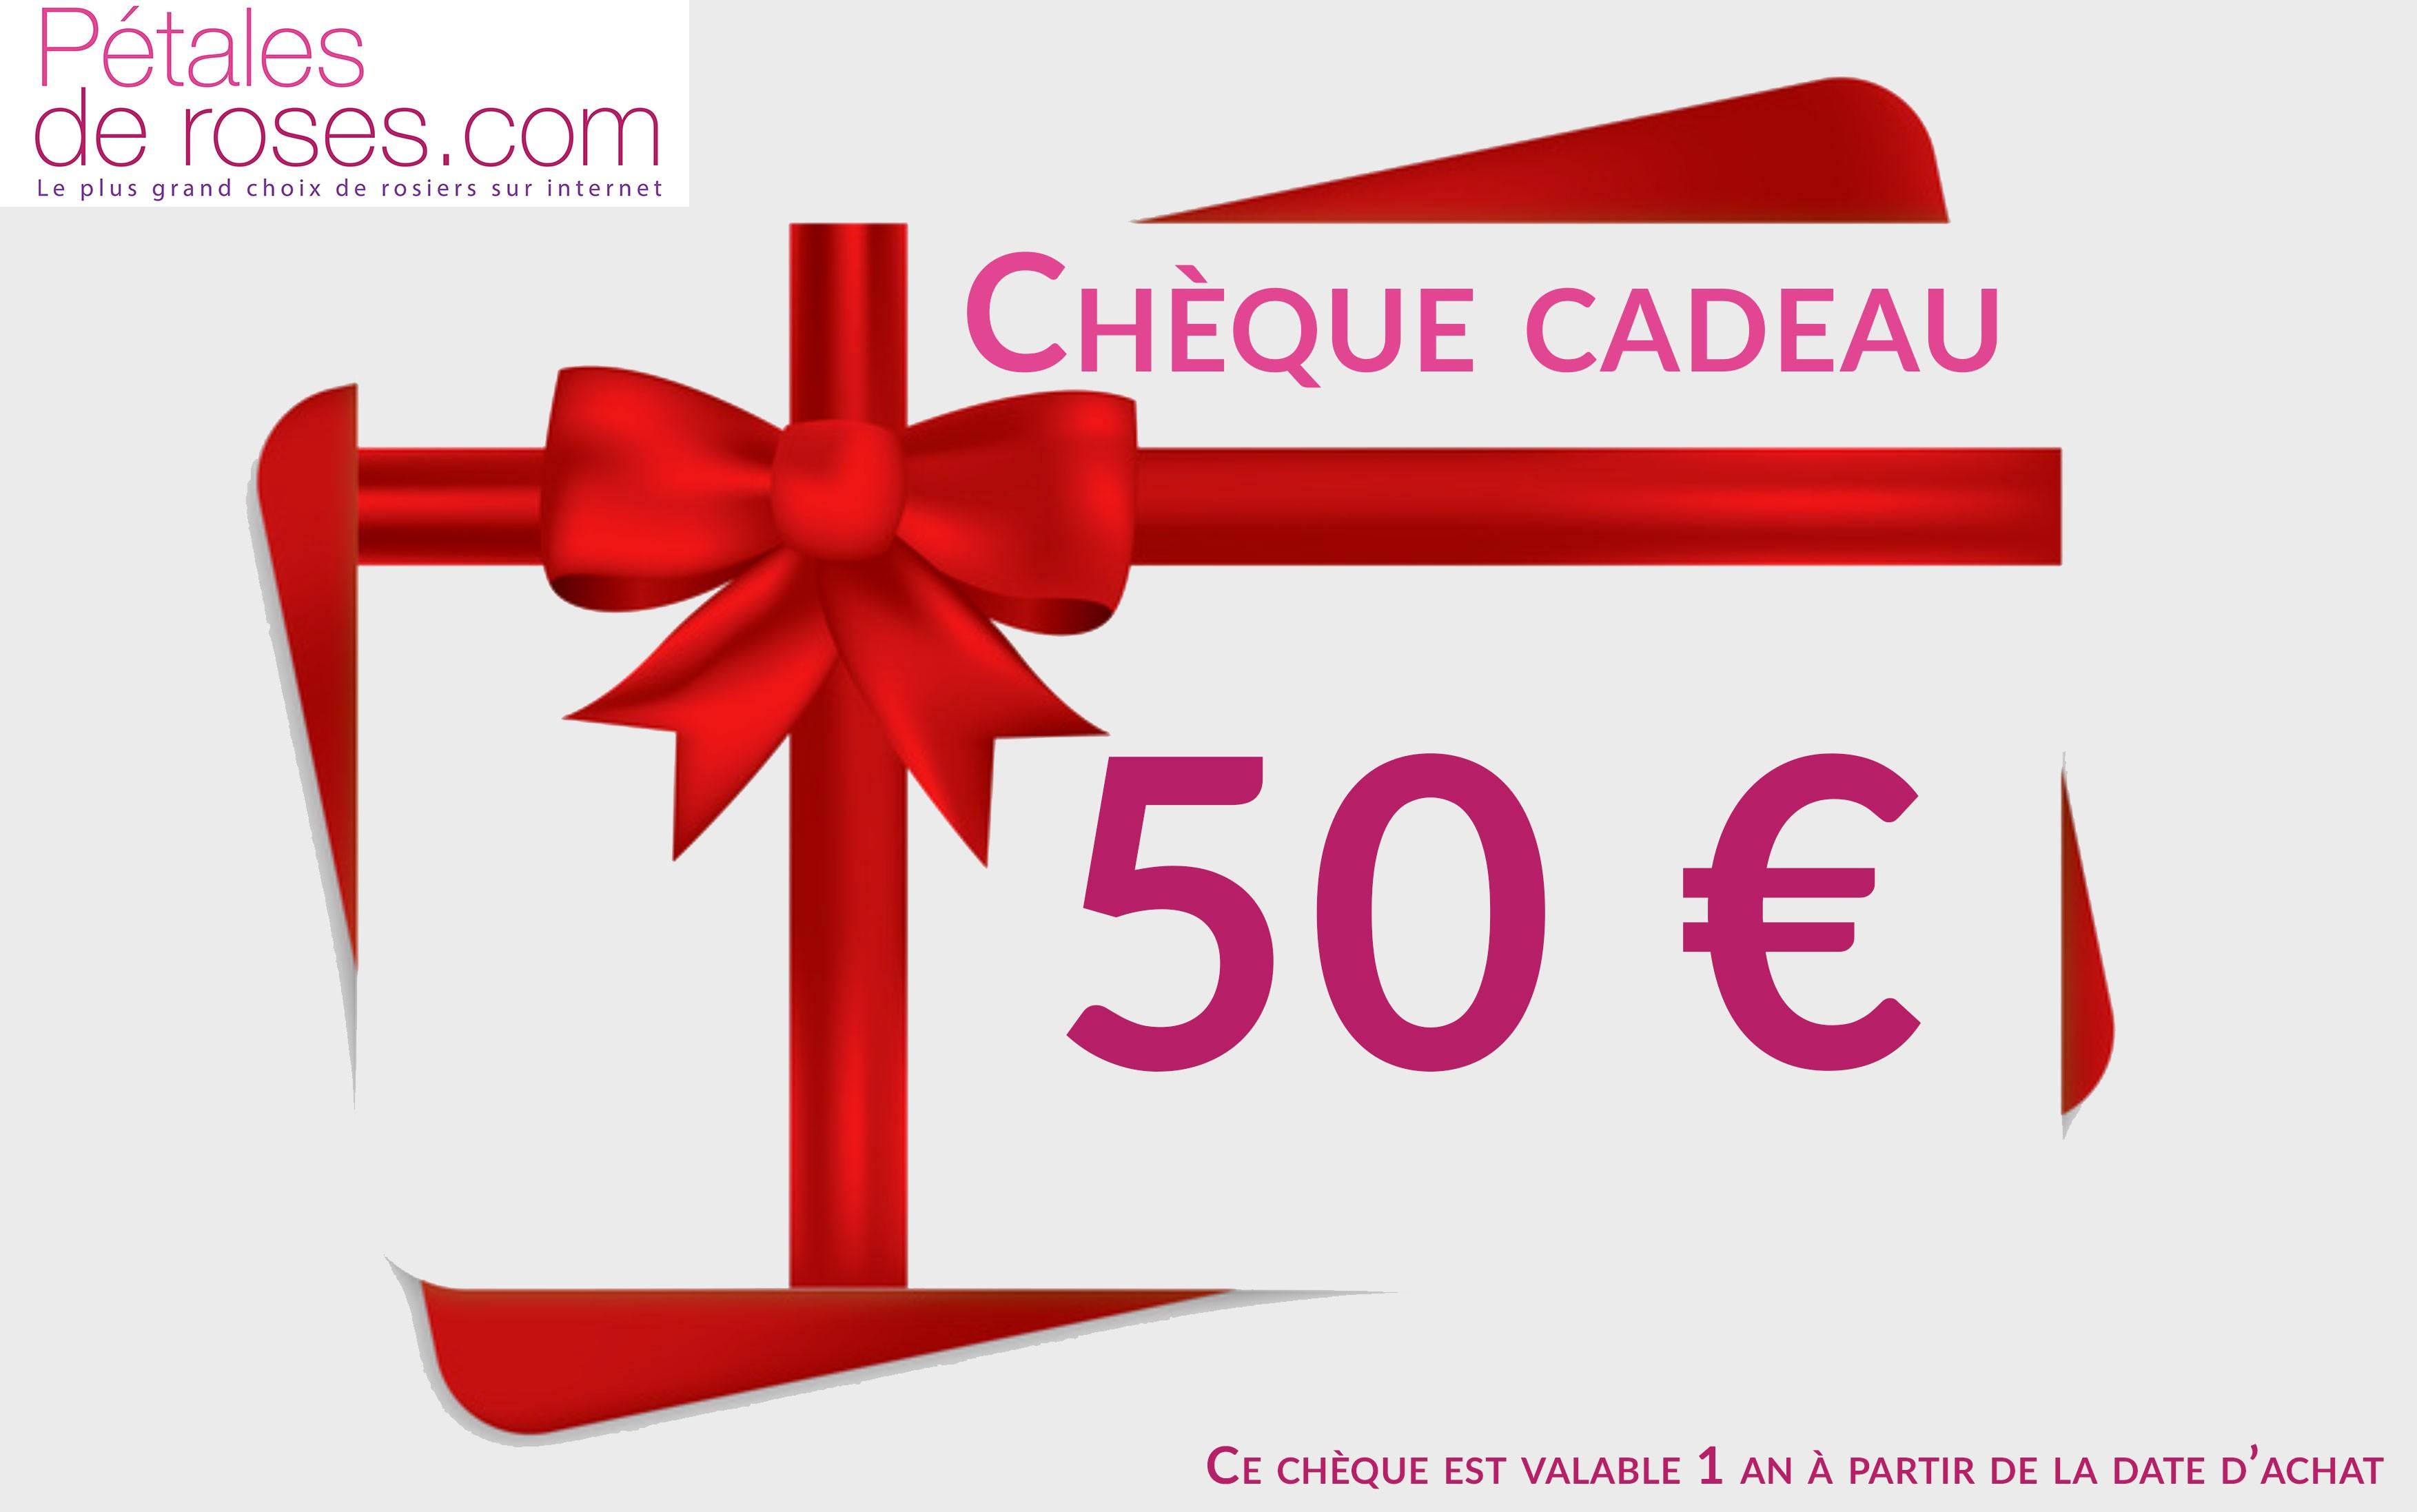 Image Chèque Cadeau chèque cadeau 50 € - pétales de roses